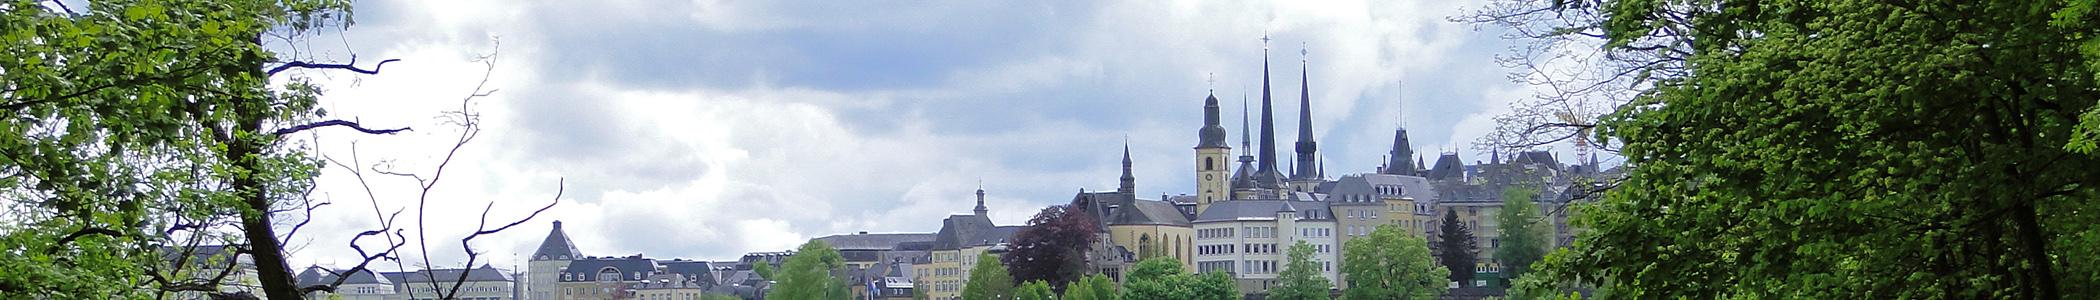 Luxembourg ville wikivoyage le guide de voyage et de for Piscine luxembourg ville